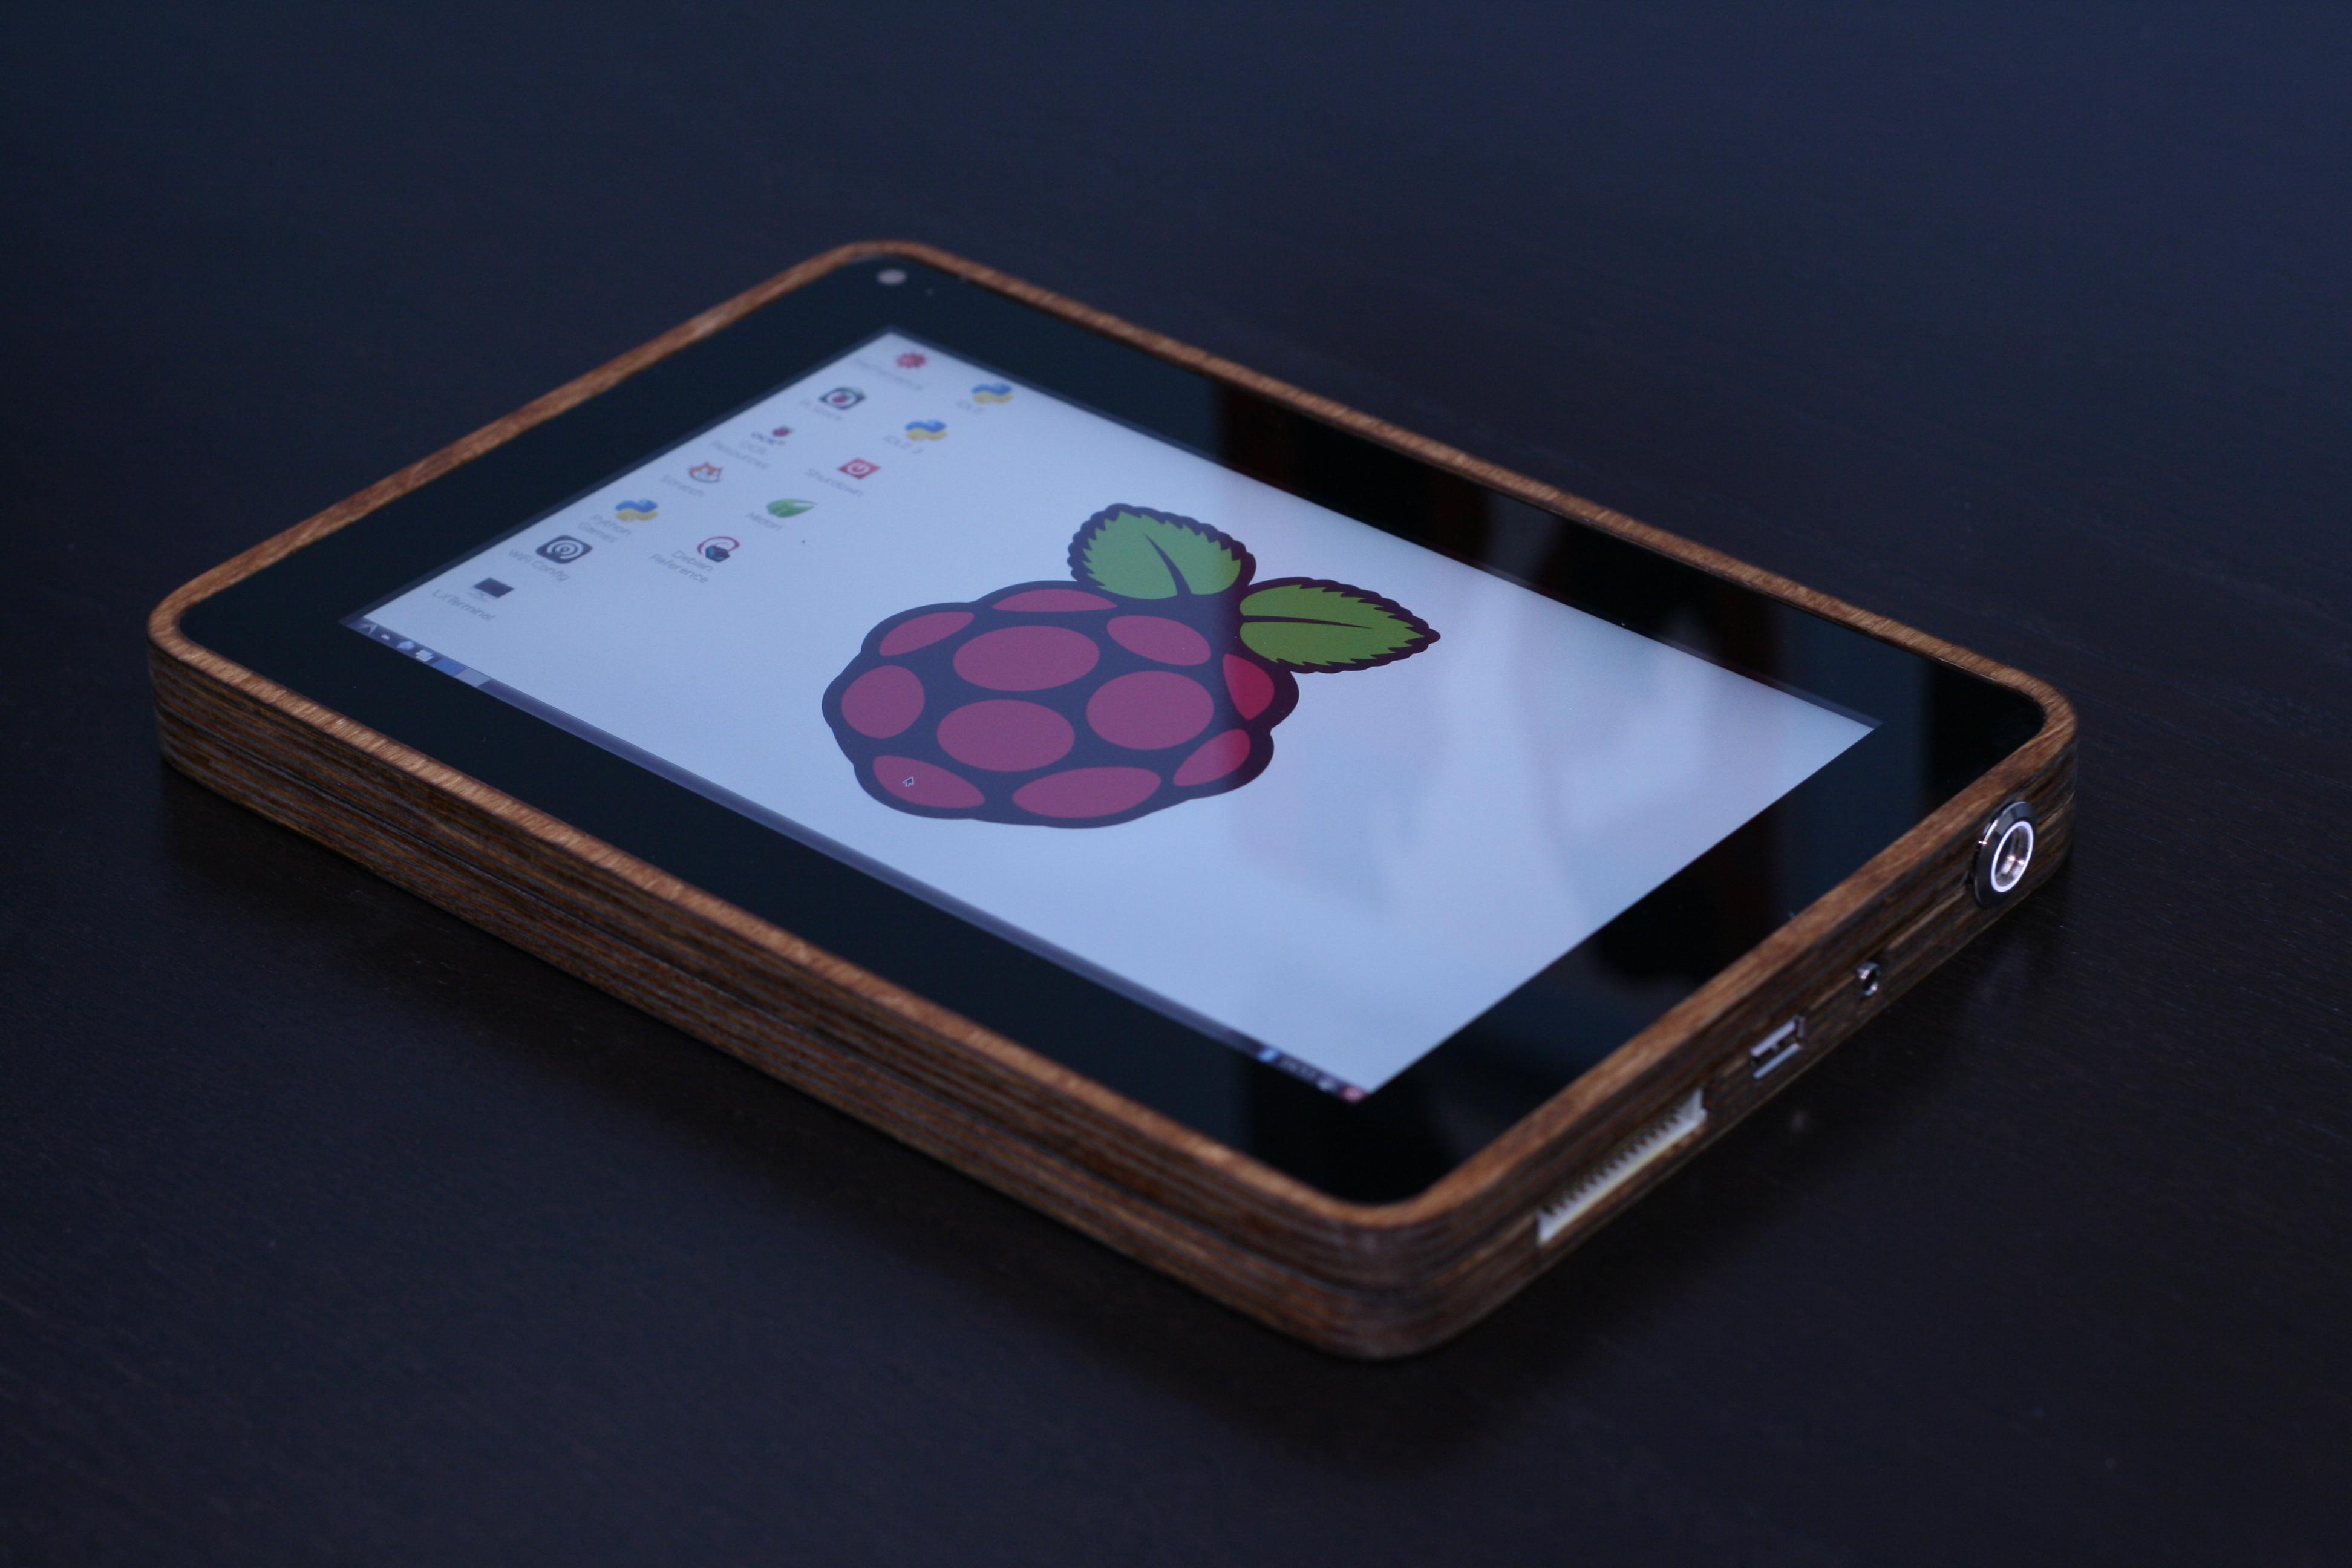 How I Built a Raspberry Pi Tablet